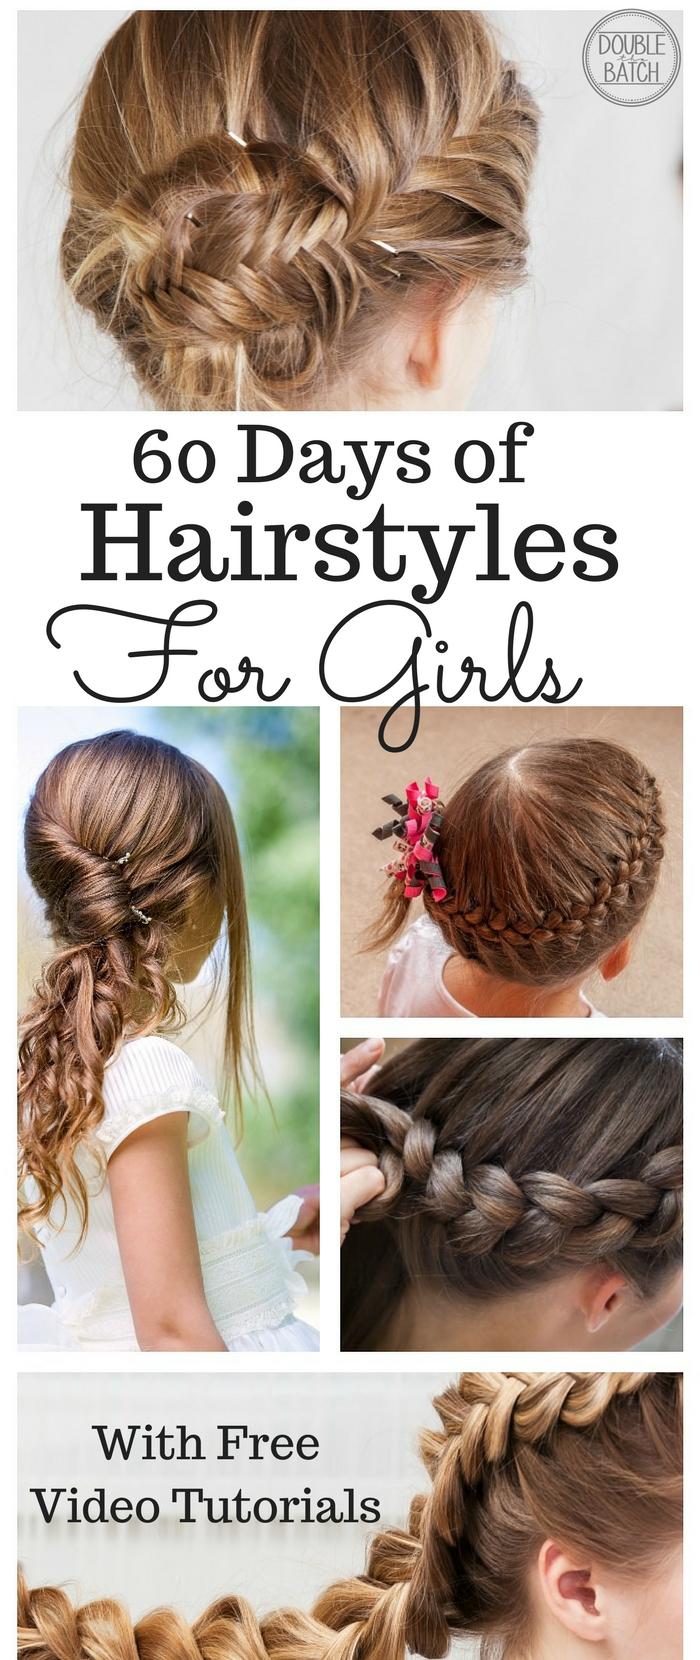 Fast Girl Hairstyles Archives Uplifting Mayhem